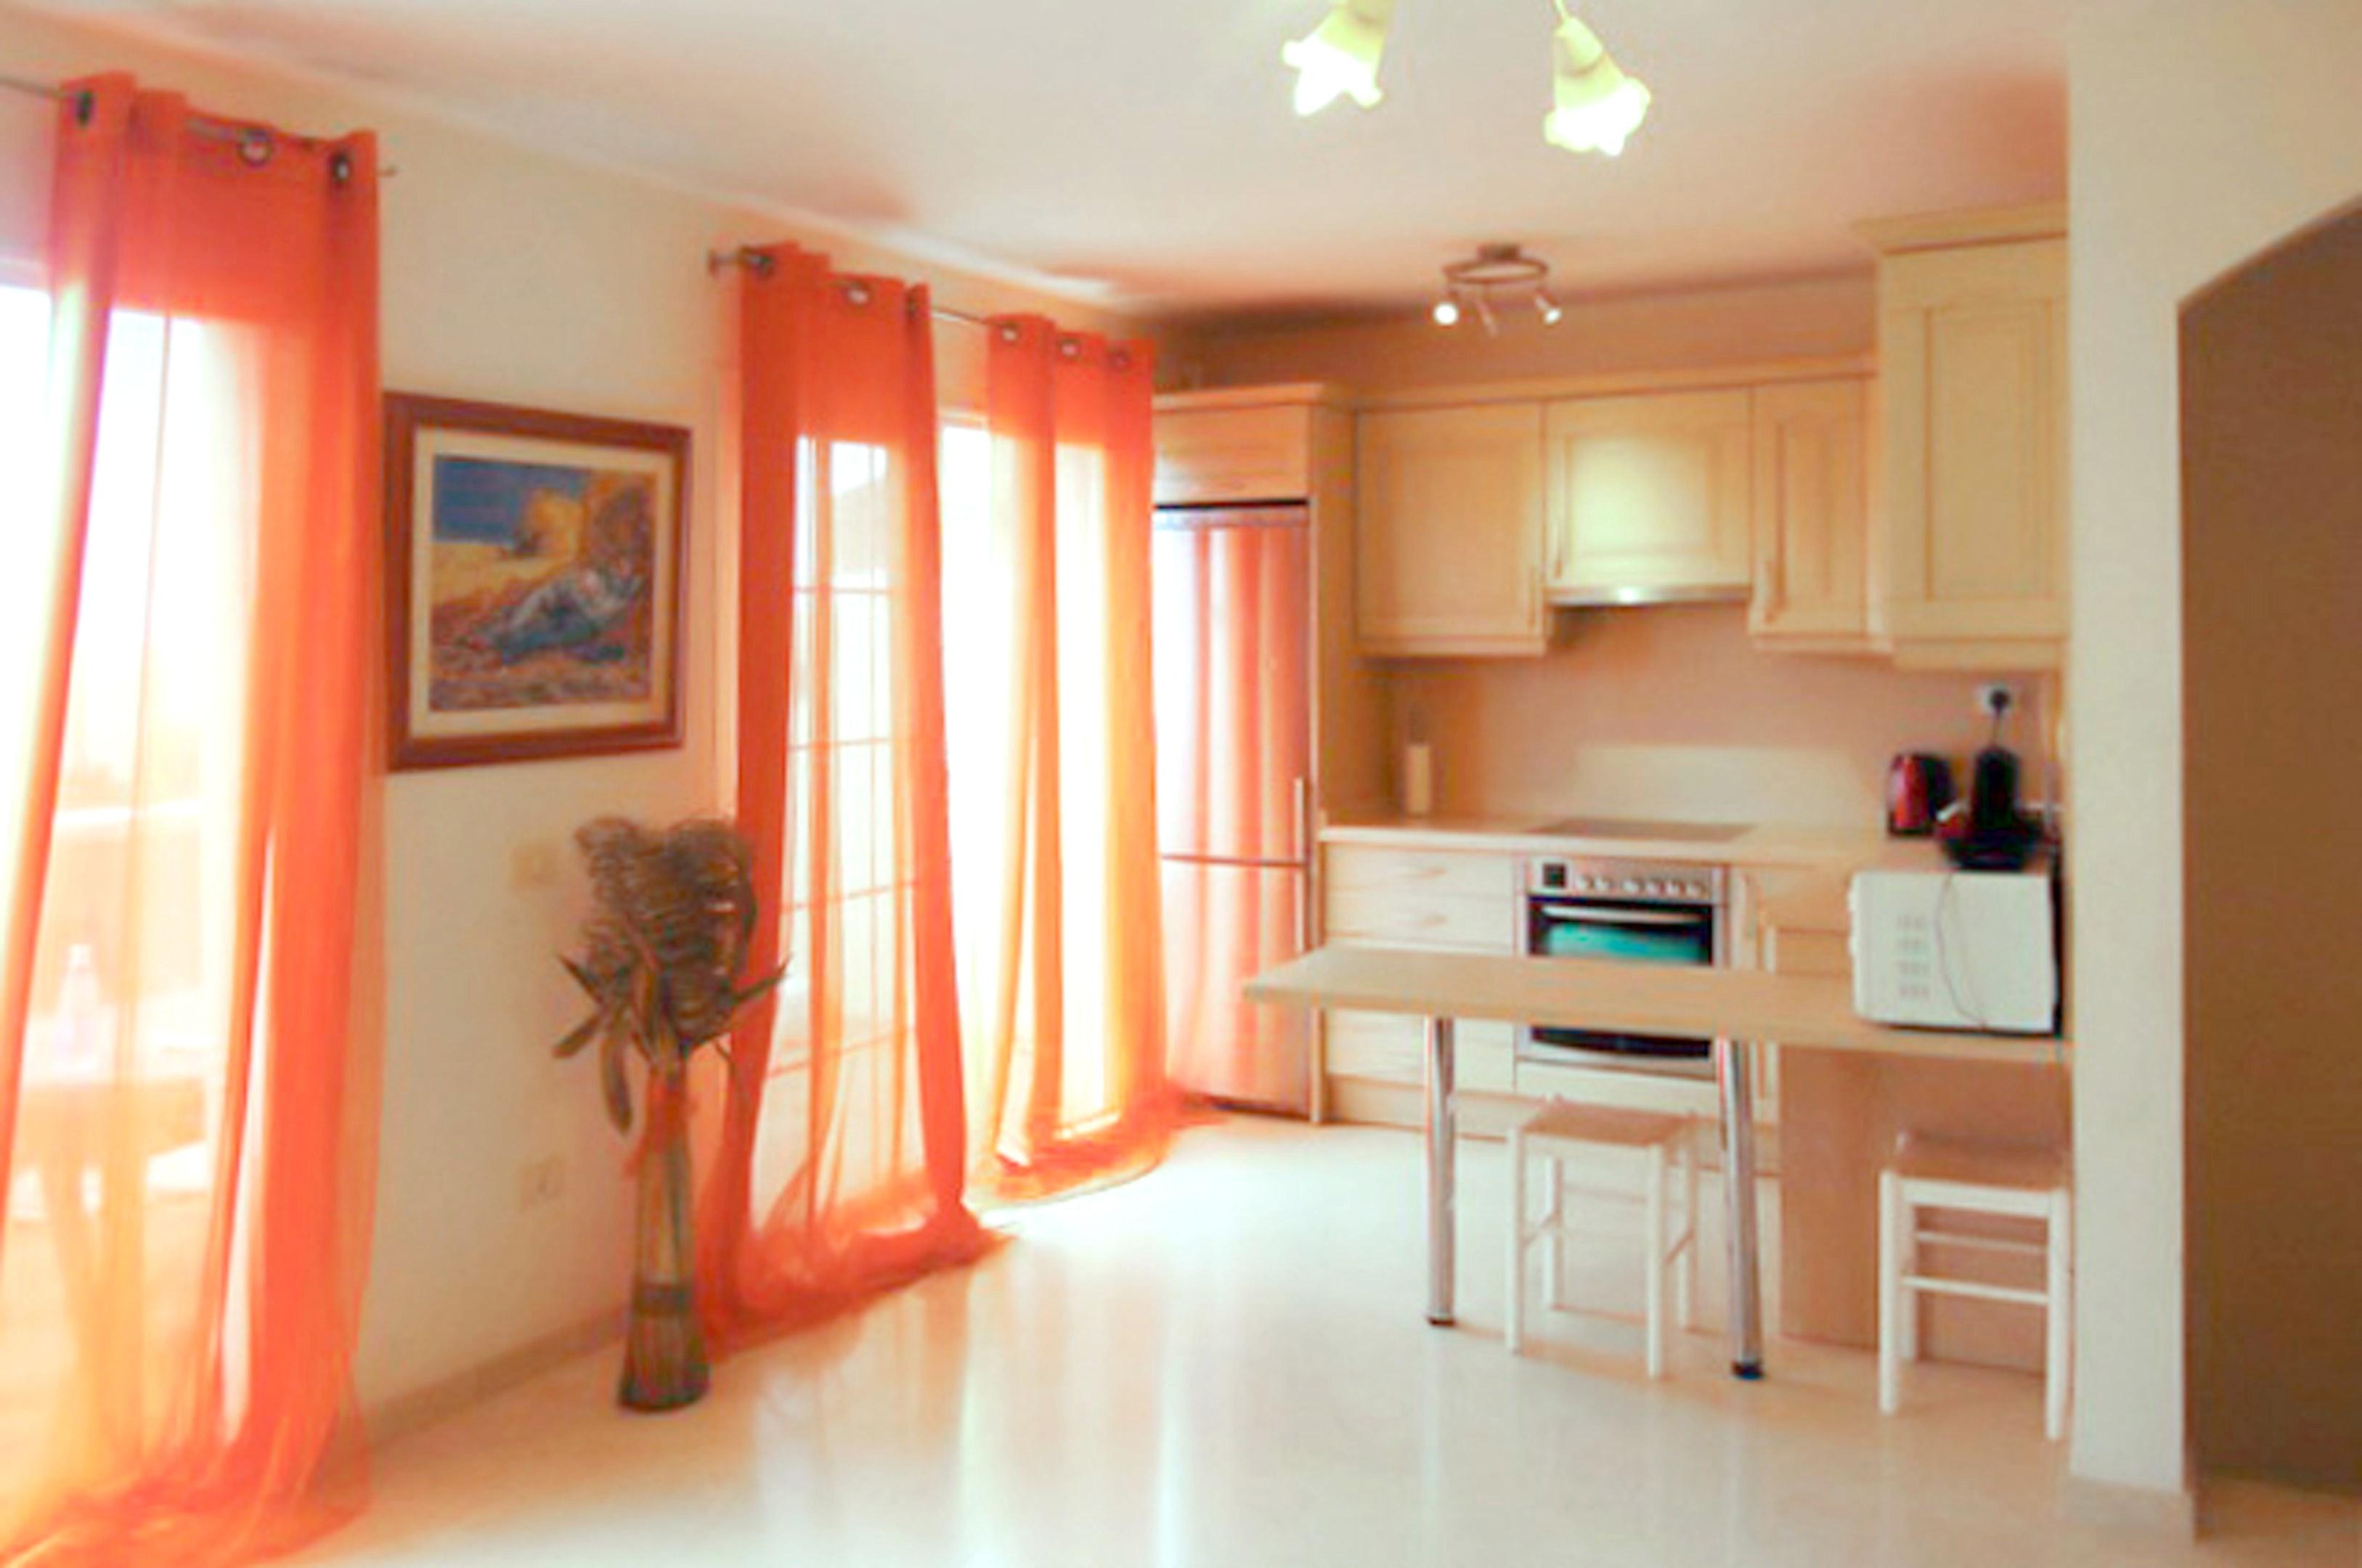 Appartement de vacances Wohnung mit 2 Schlafzimmern in Palm-Mar mit Pool, möblierter Terrasse und W-LAN - 800 m vo (2201692), Palm-Mar, Ténérife, Iles Canaries, Espagne, image 9